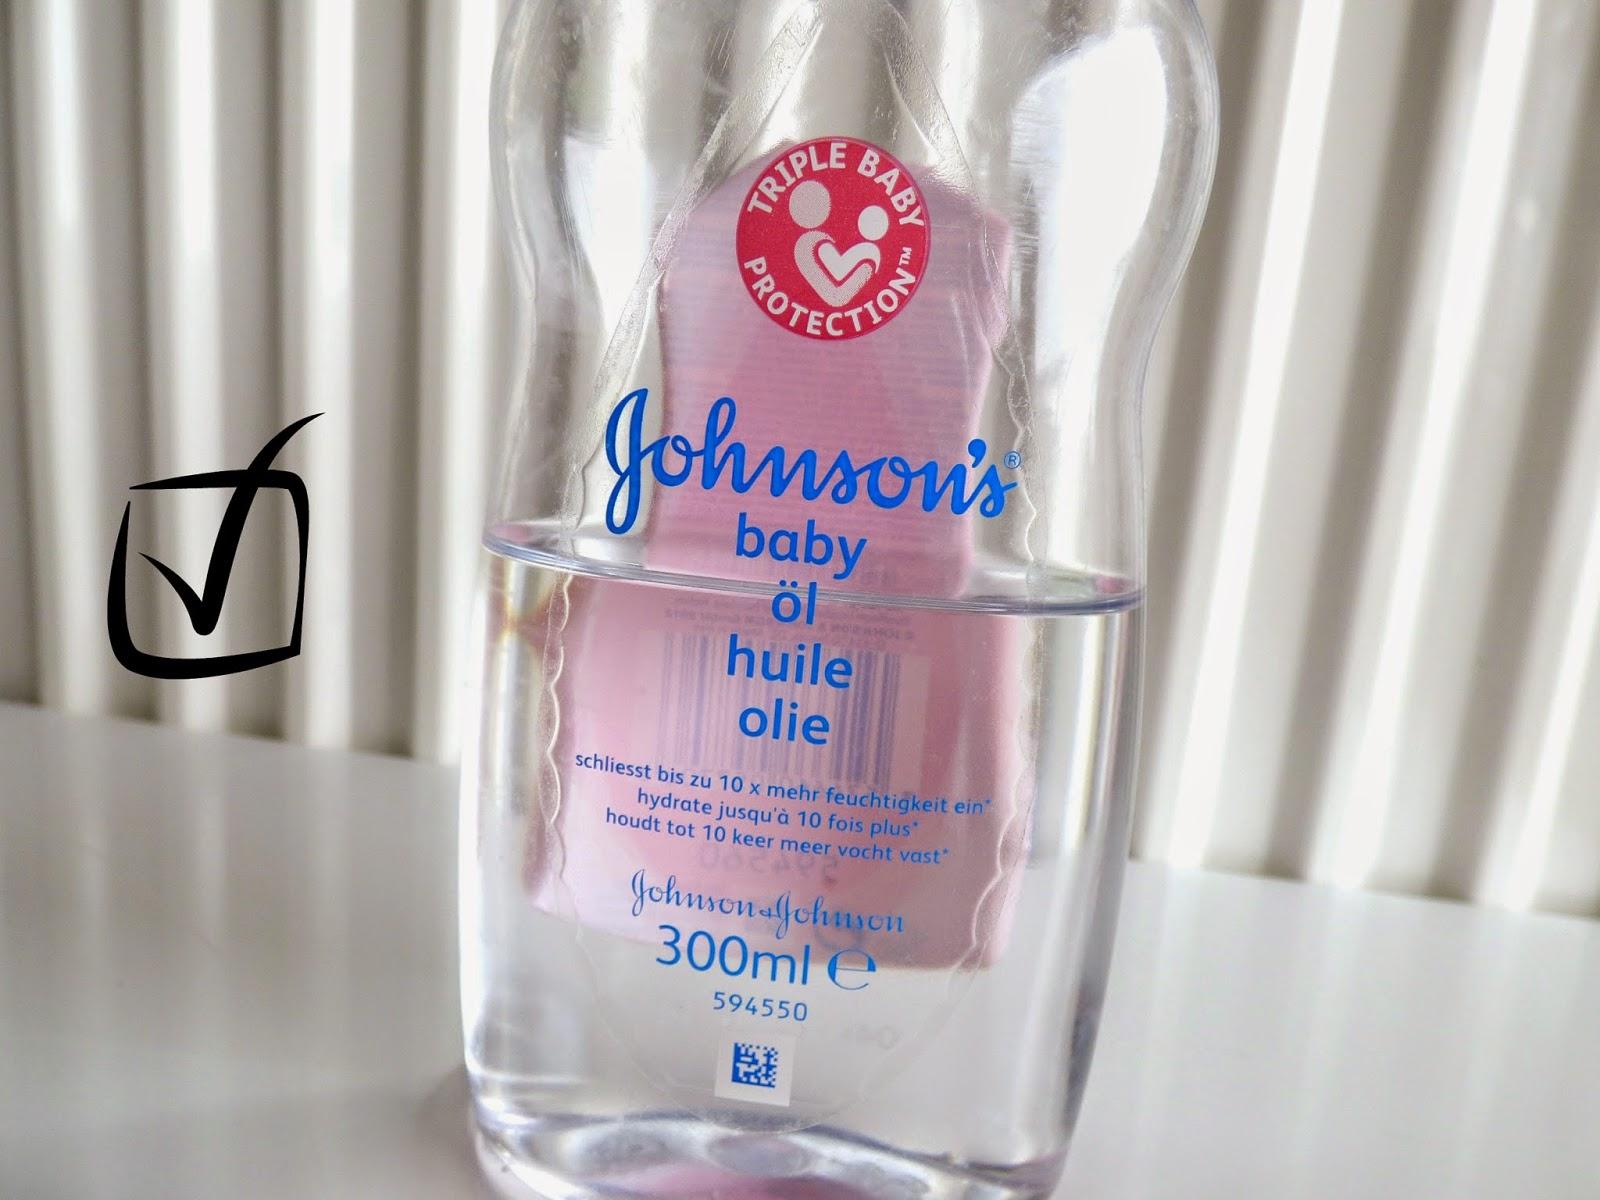 Huile pour bébé de Johnson's